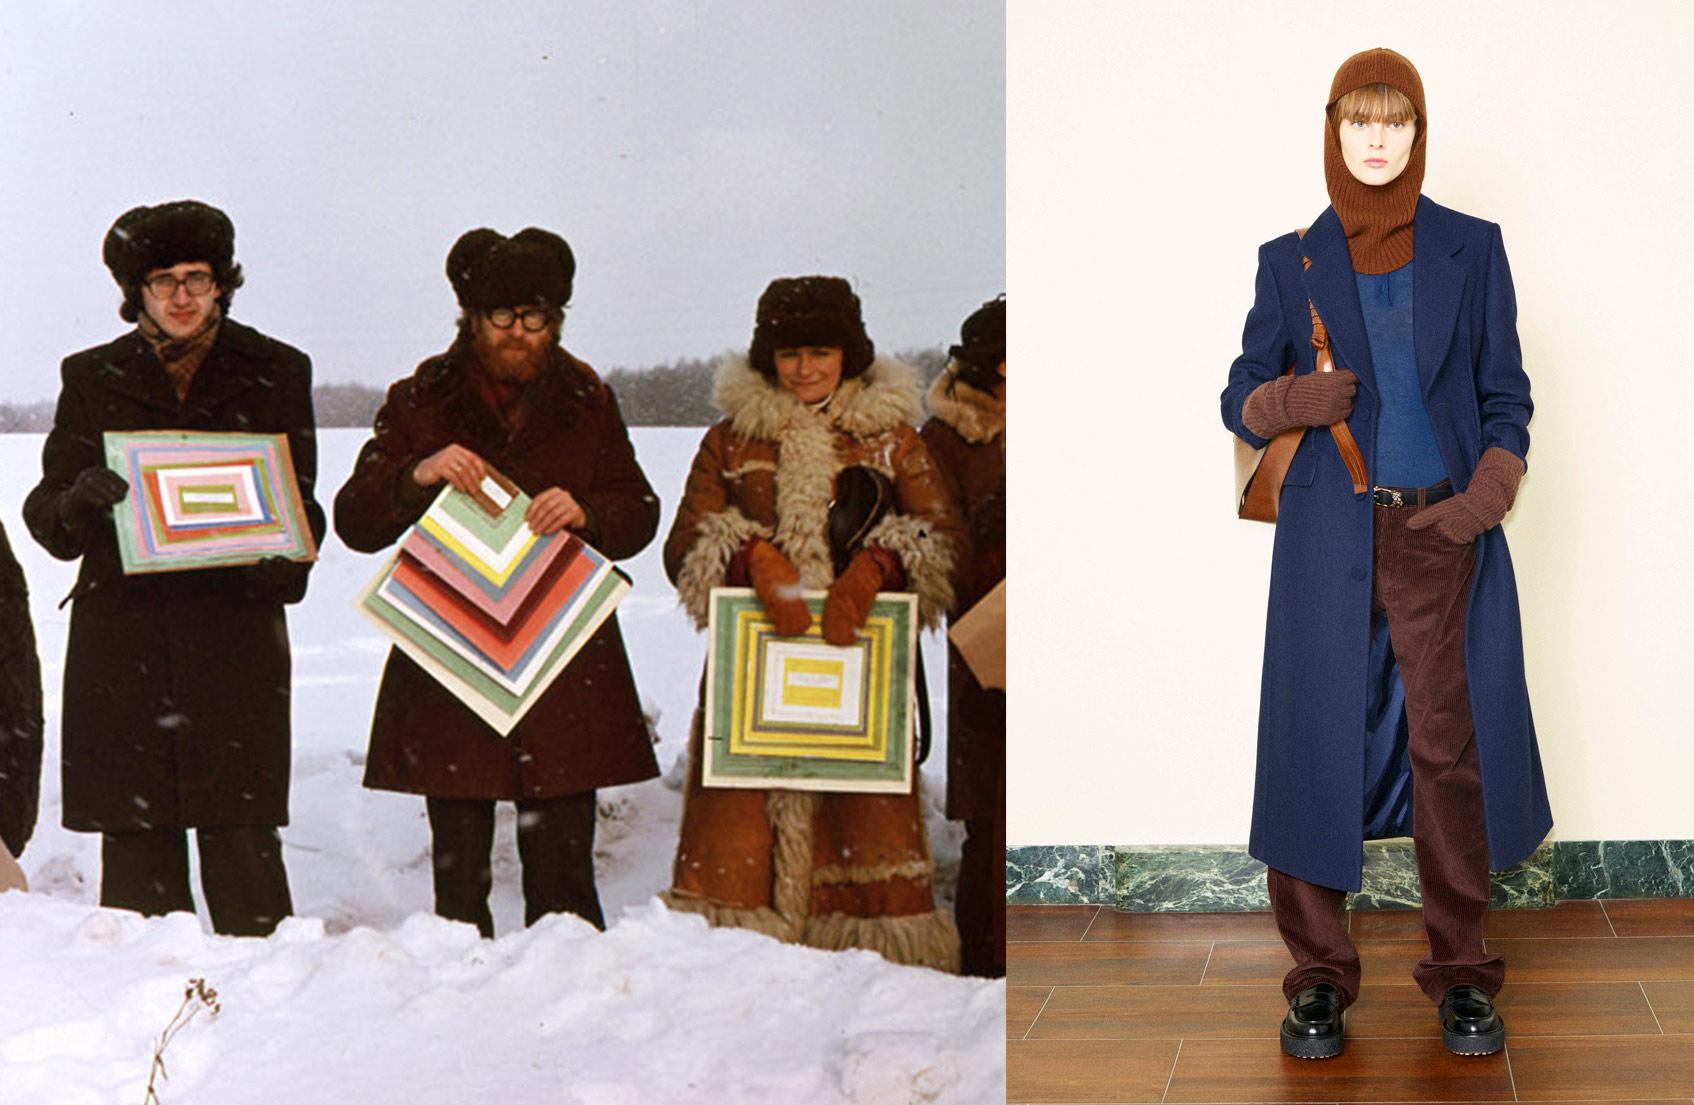 Фотоотчет с акции «Картины» группы «Коллективные действия», 1979; Tod's осень-зима 21/22